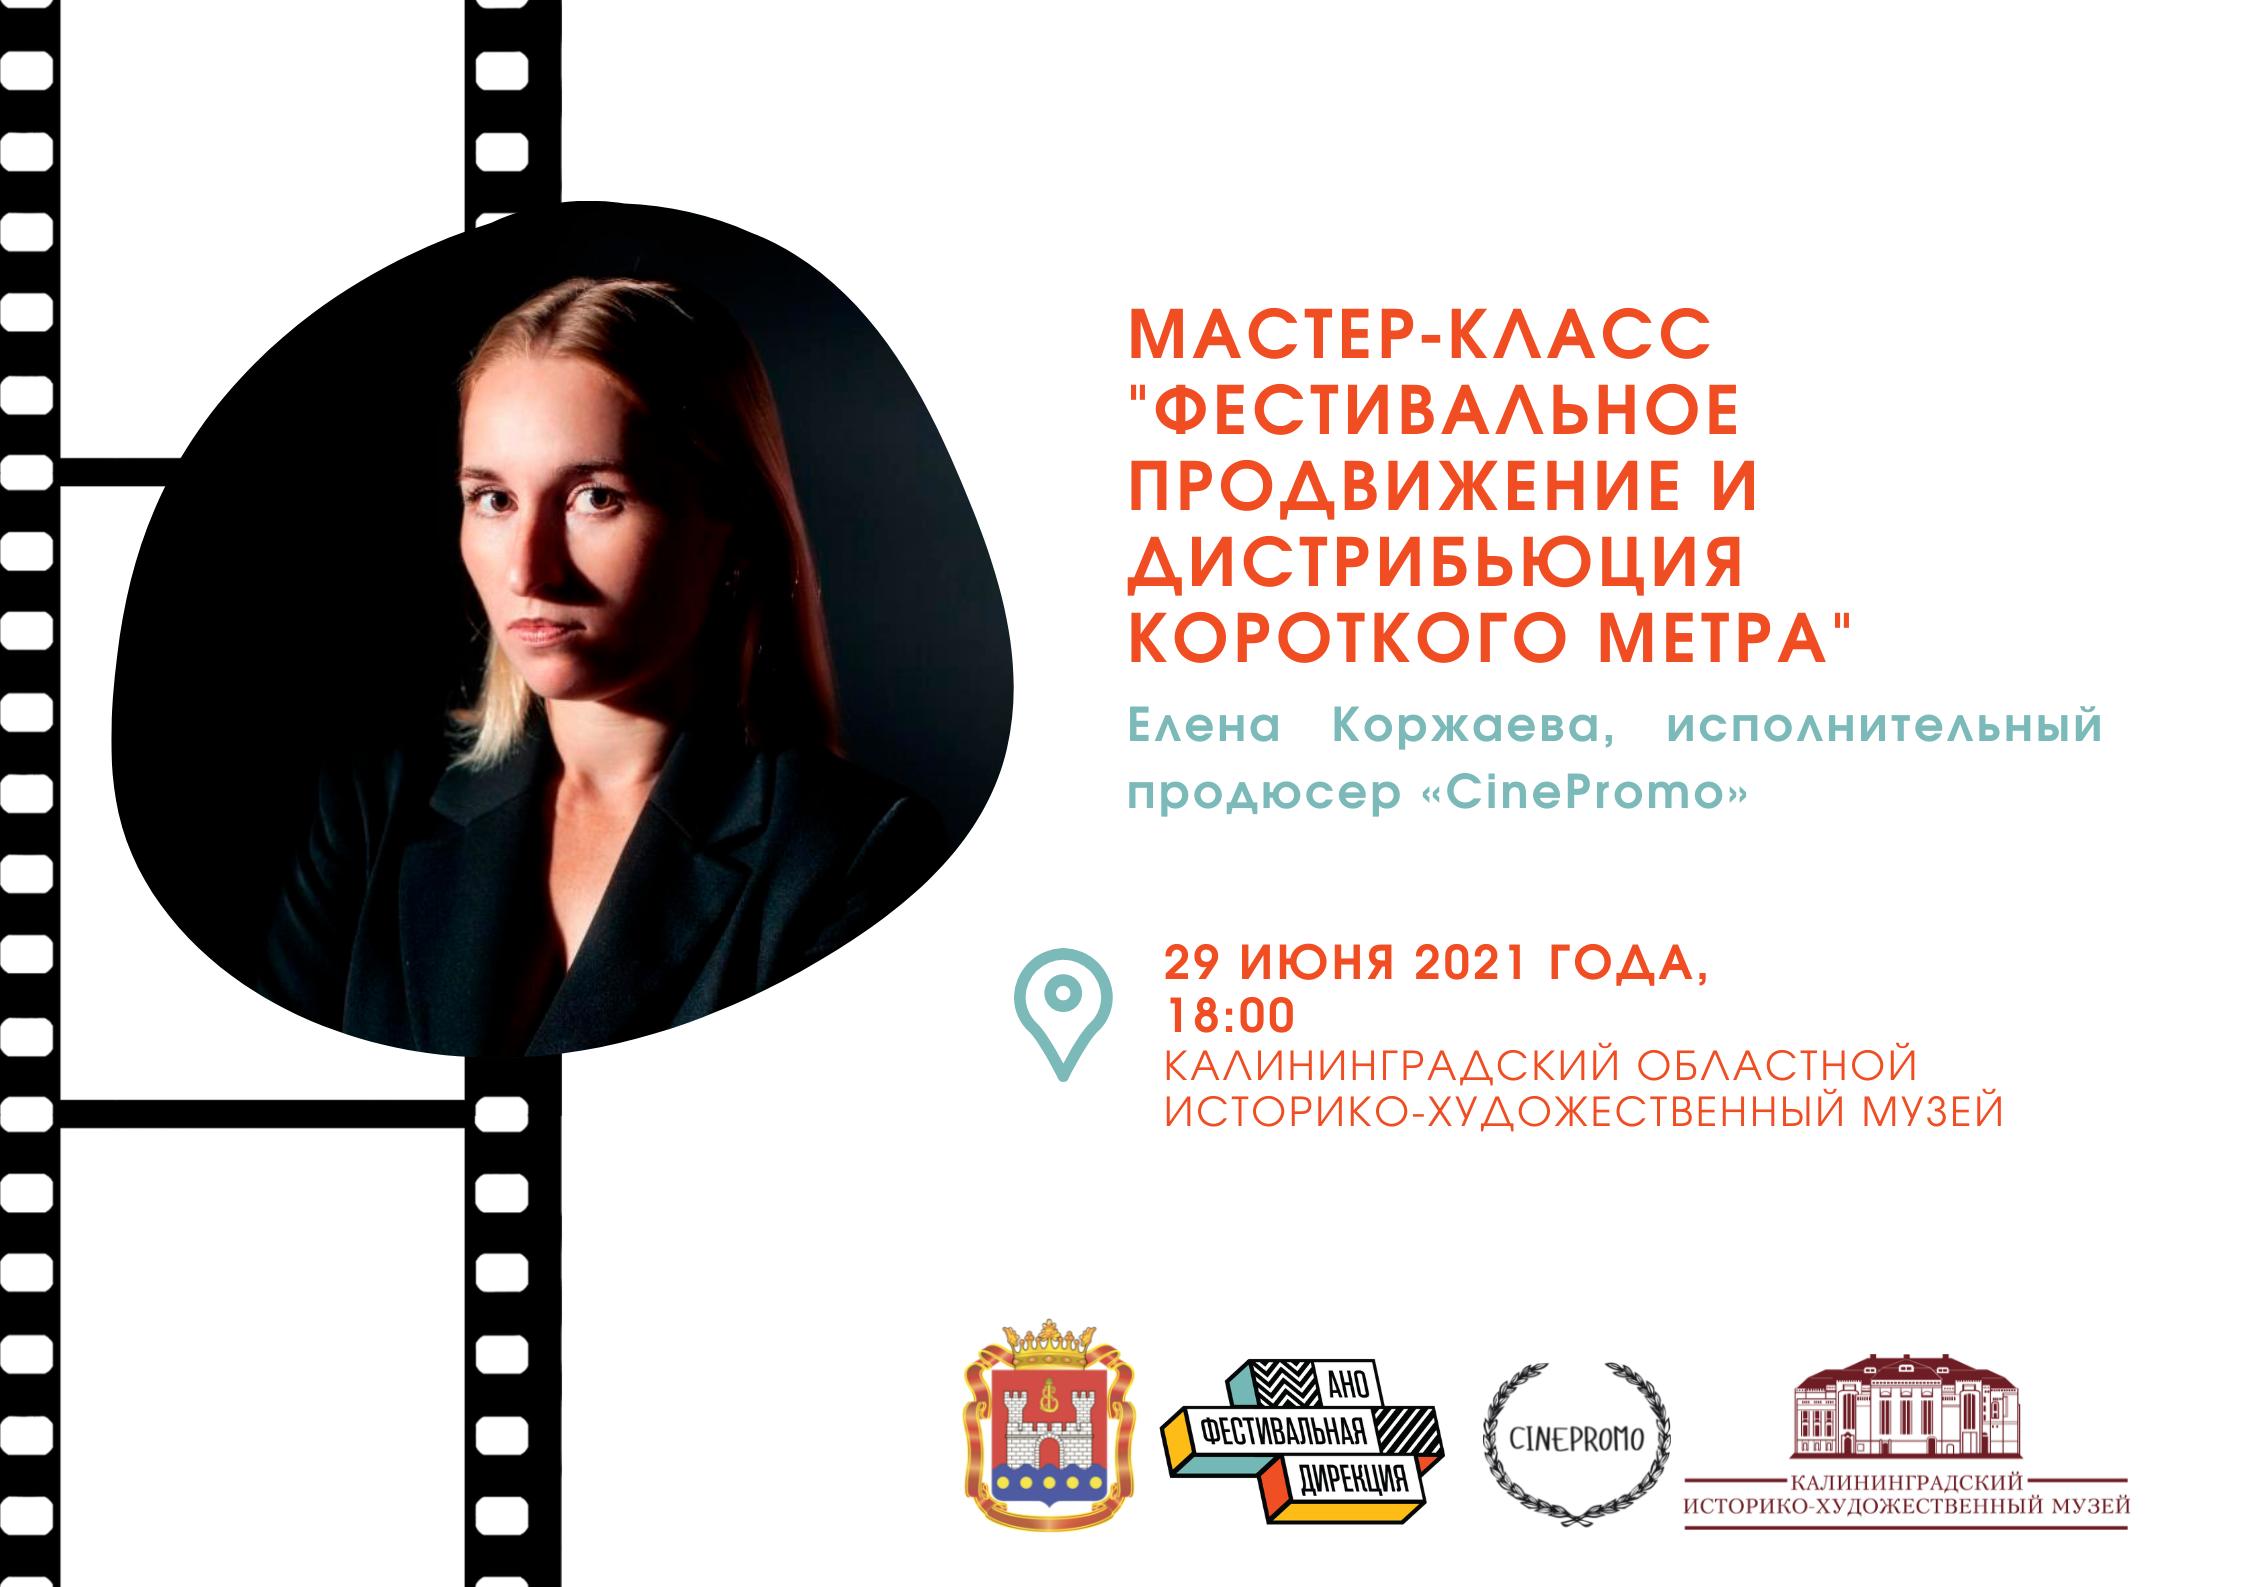 Как продвигать свой фильм: мастер-класс Елены Коржаевой (CinePromo)